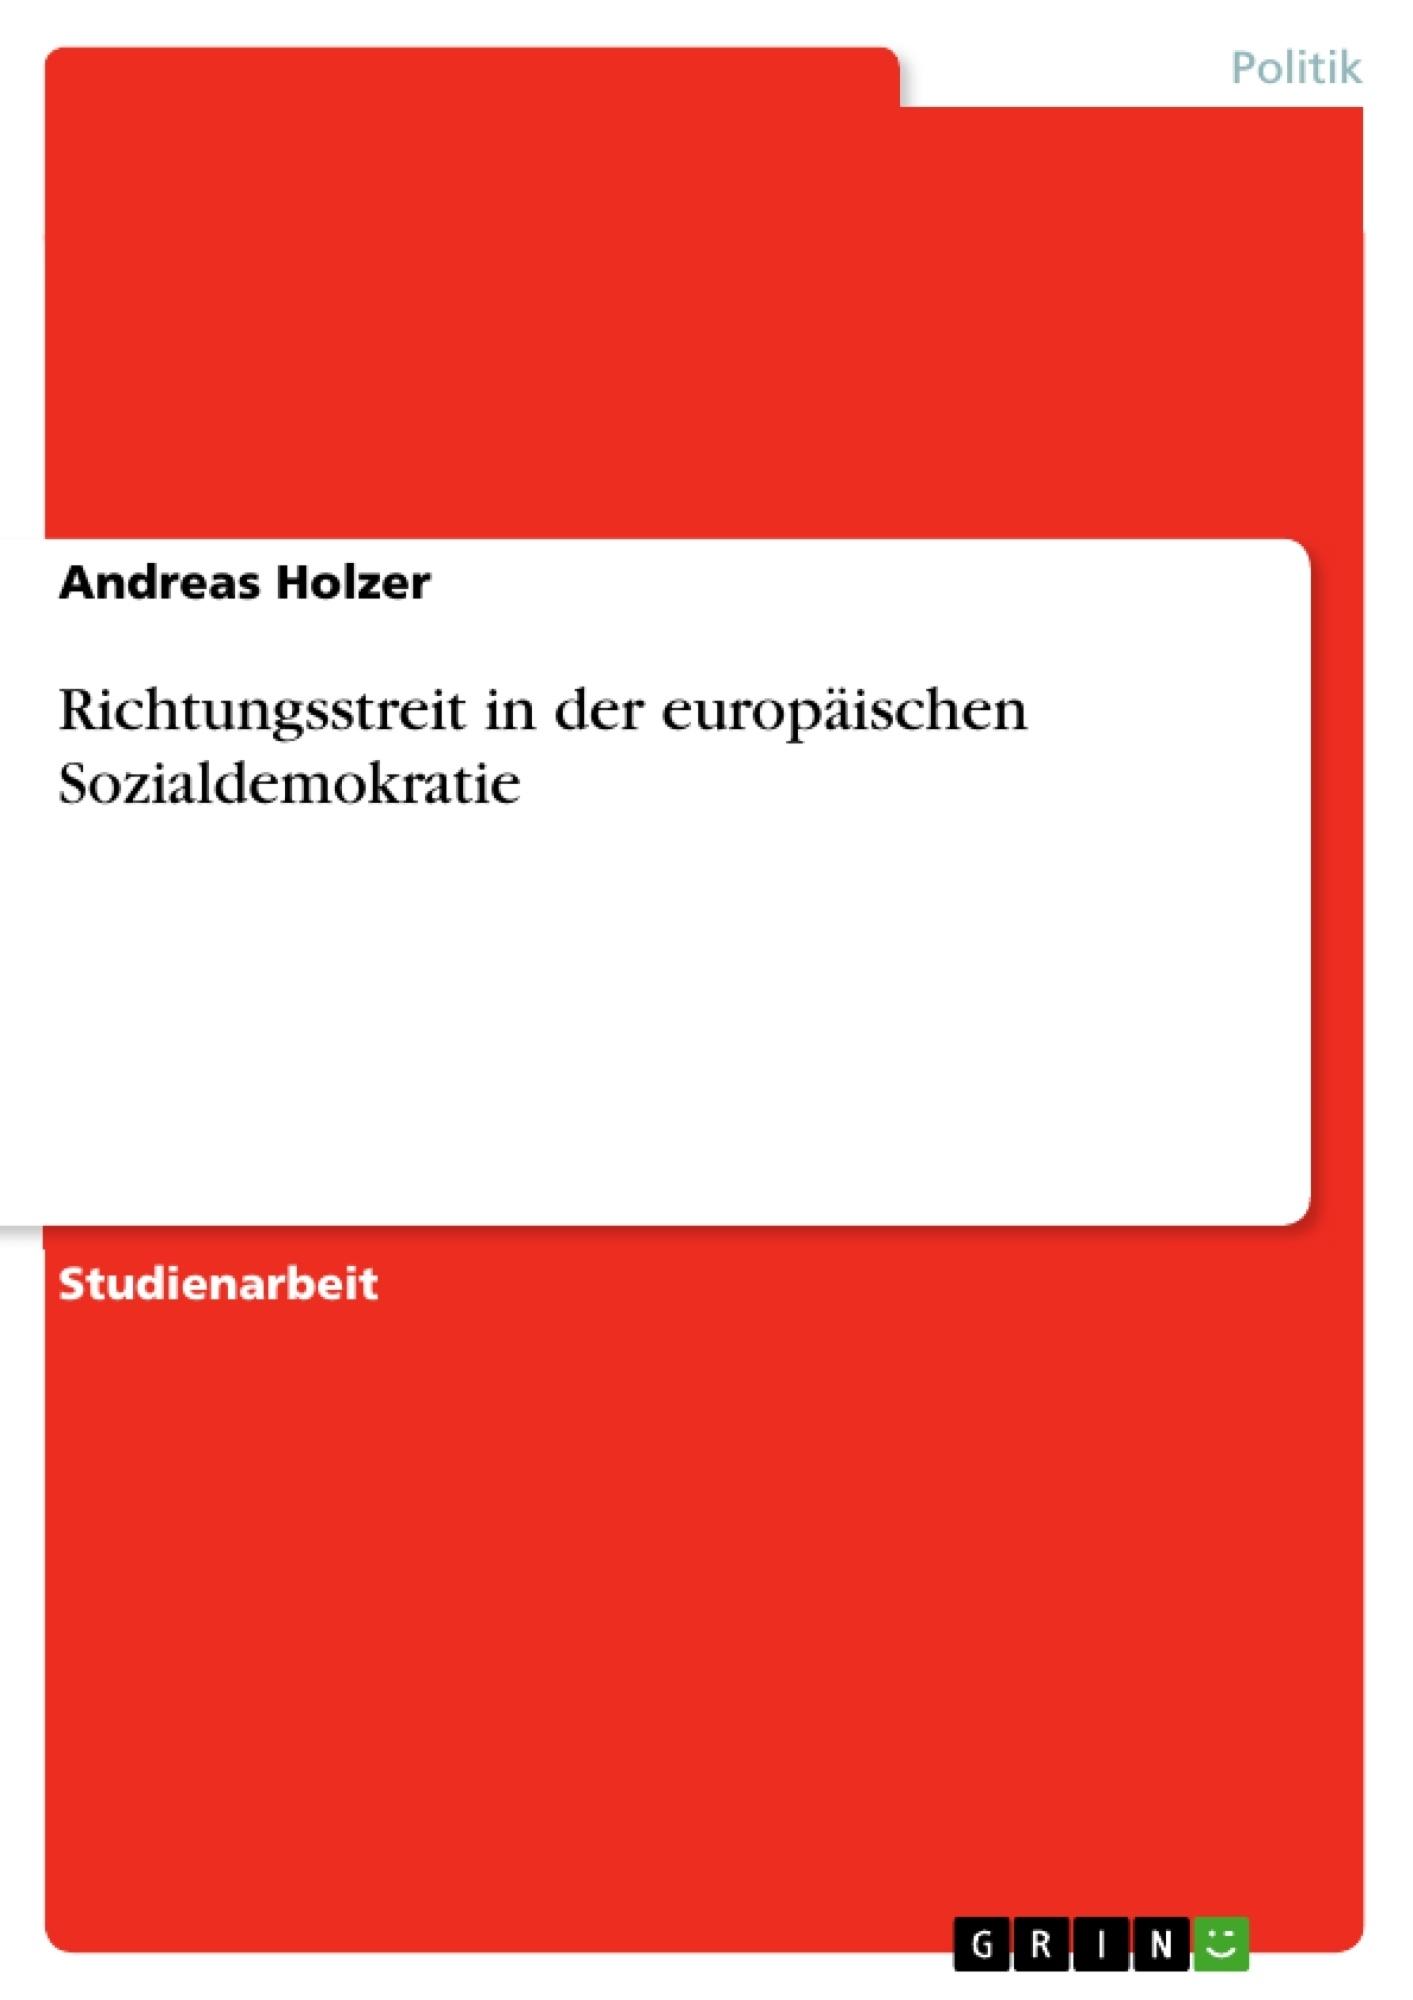 Titel: Richtungsstreit in der europäischen Sozialdemokratie